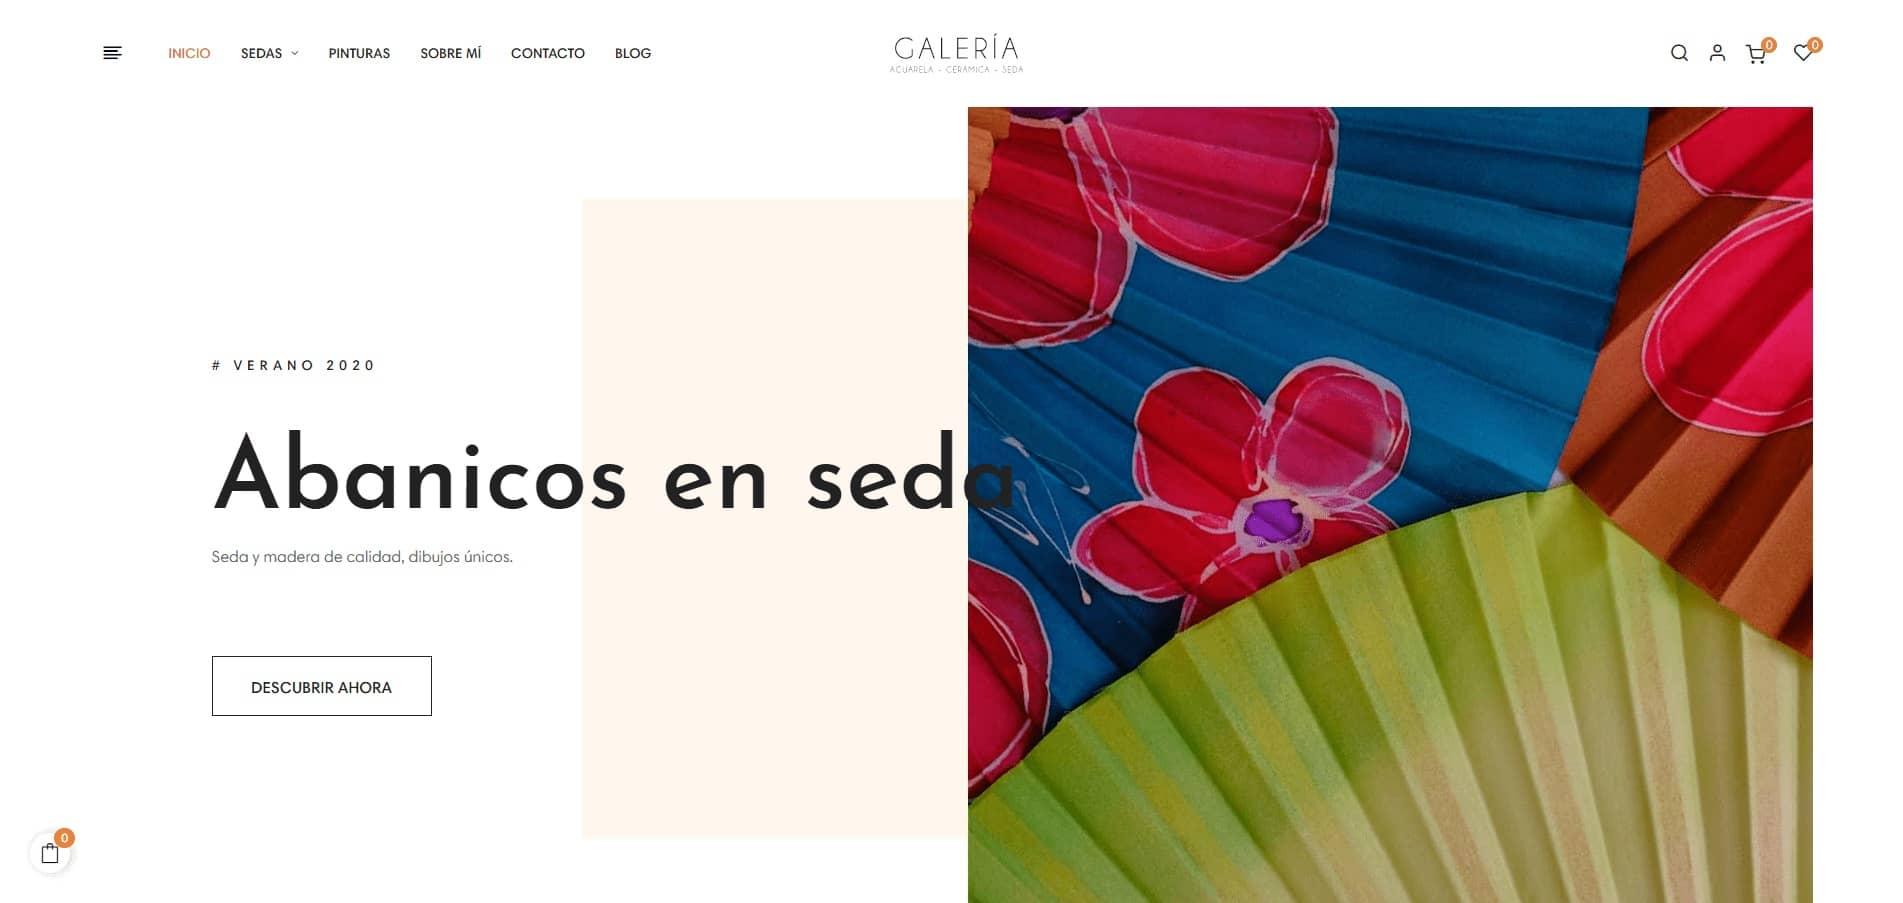 presentacion tienda online